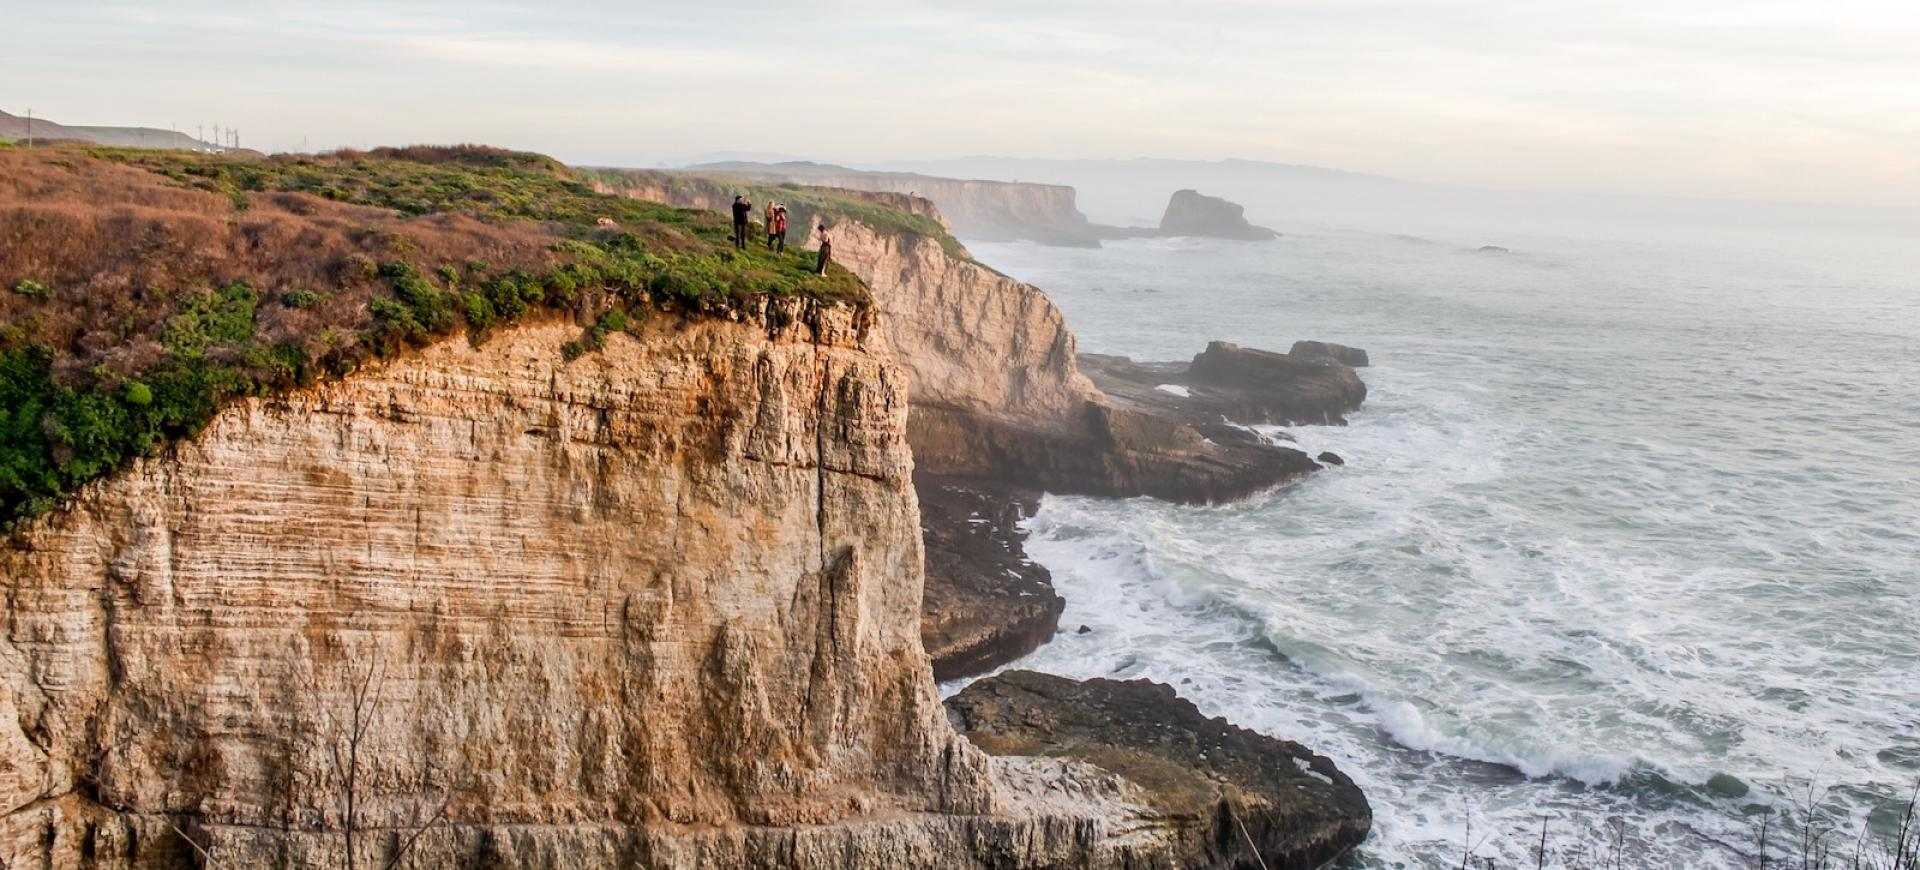 santa-cruz-california wycieczka